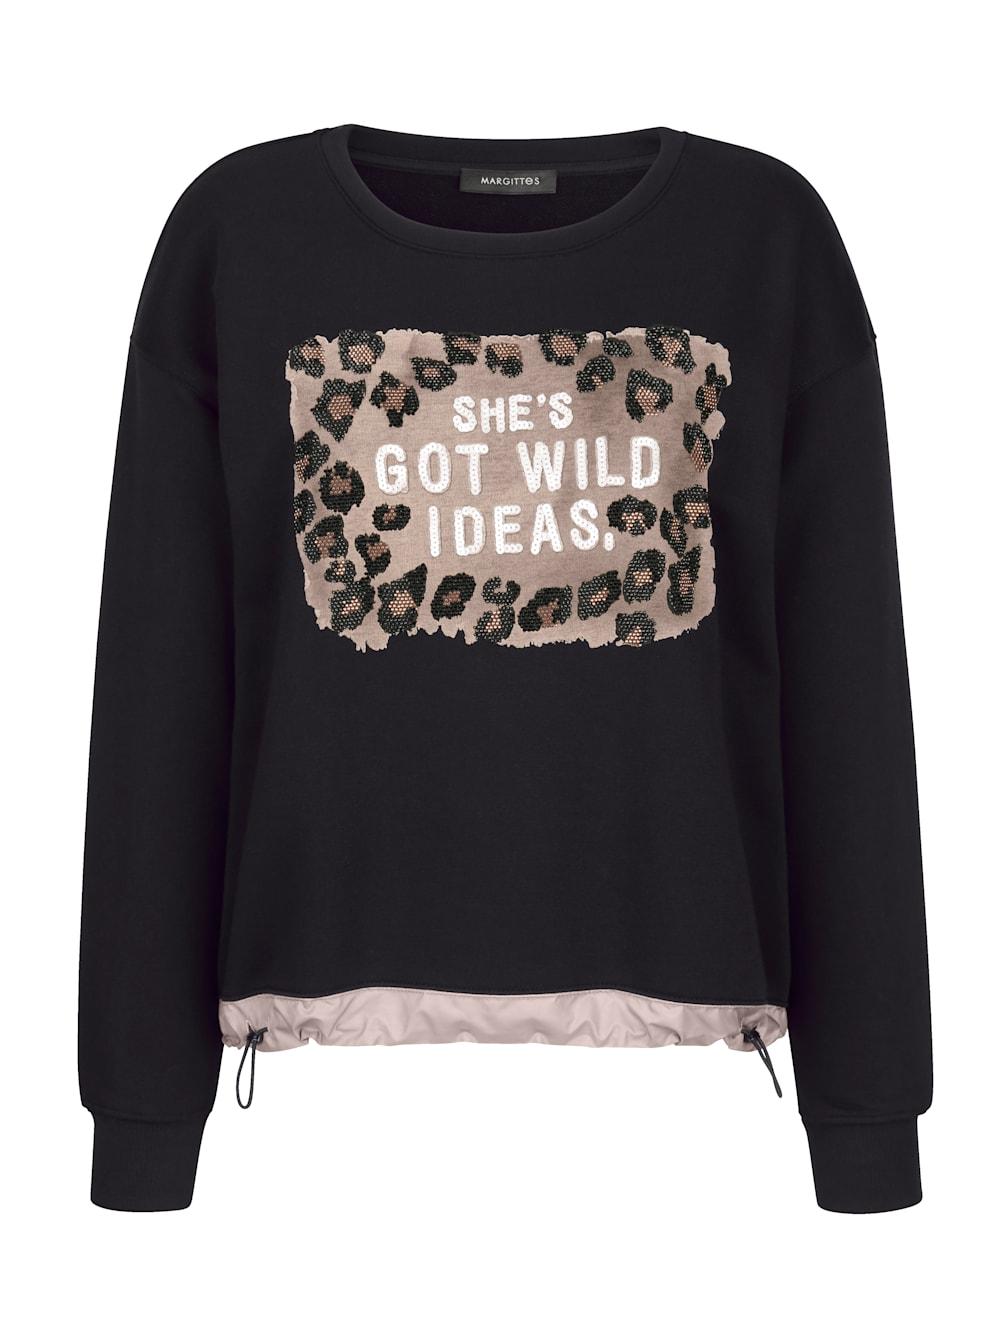 MARGITTES Sweatshirt mit Pailletten besetzt | Alba Moda